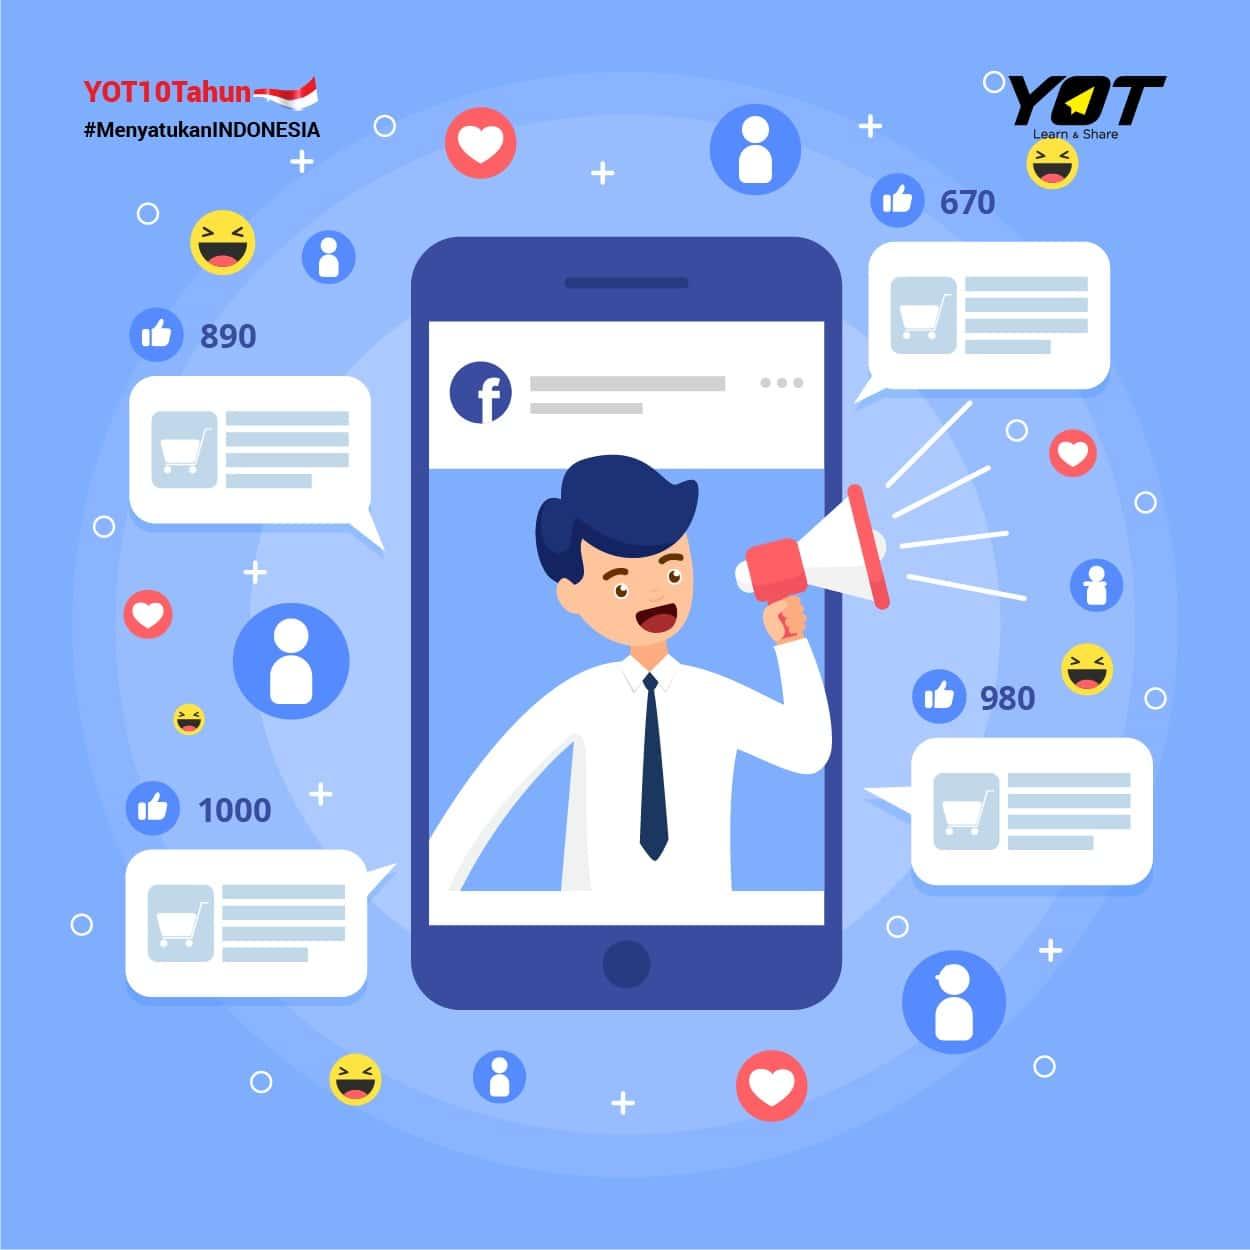 Manfaatkan Media Sosial untuk Mengembangkan Bisnis | Young On Top